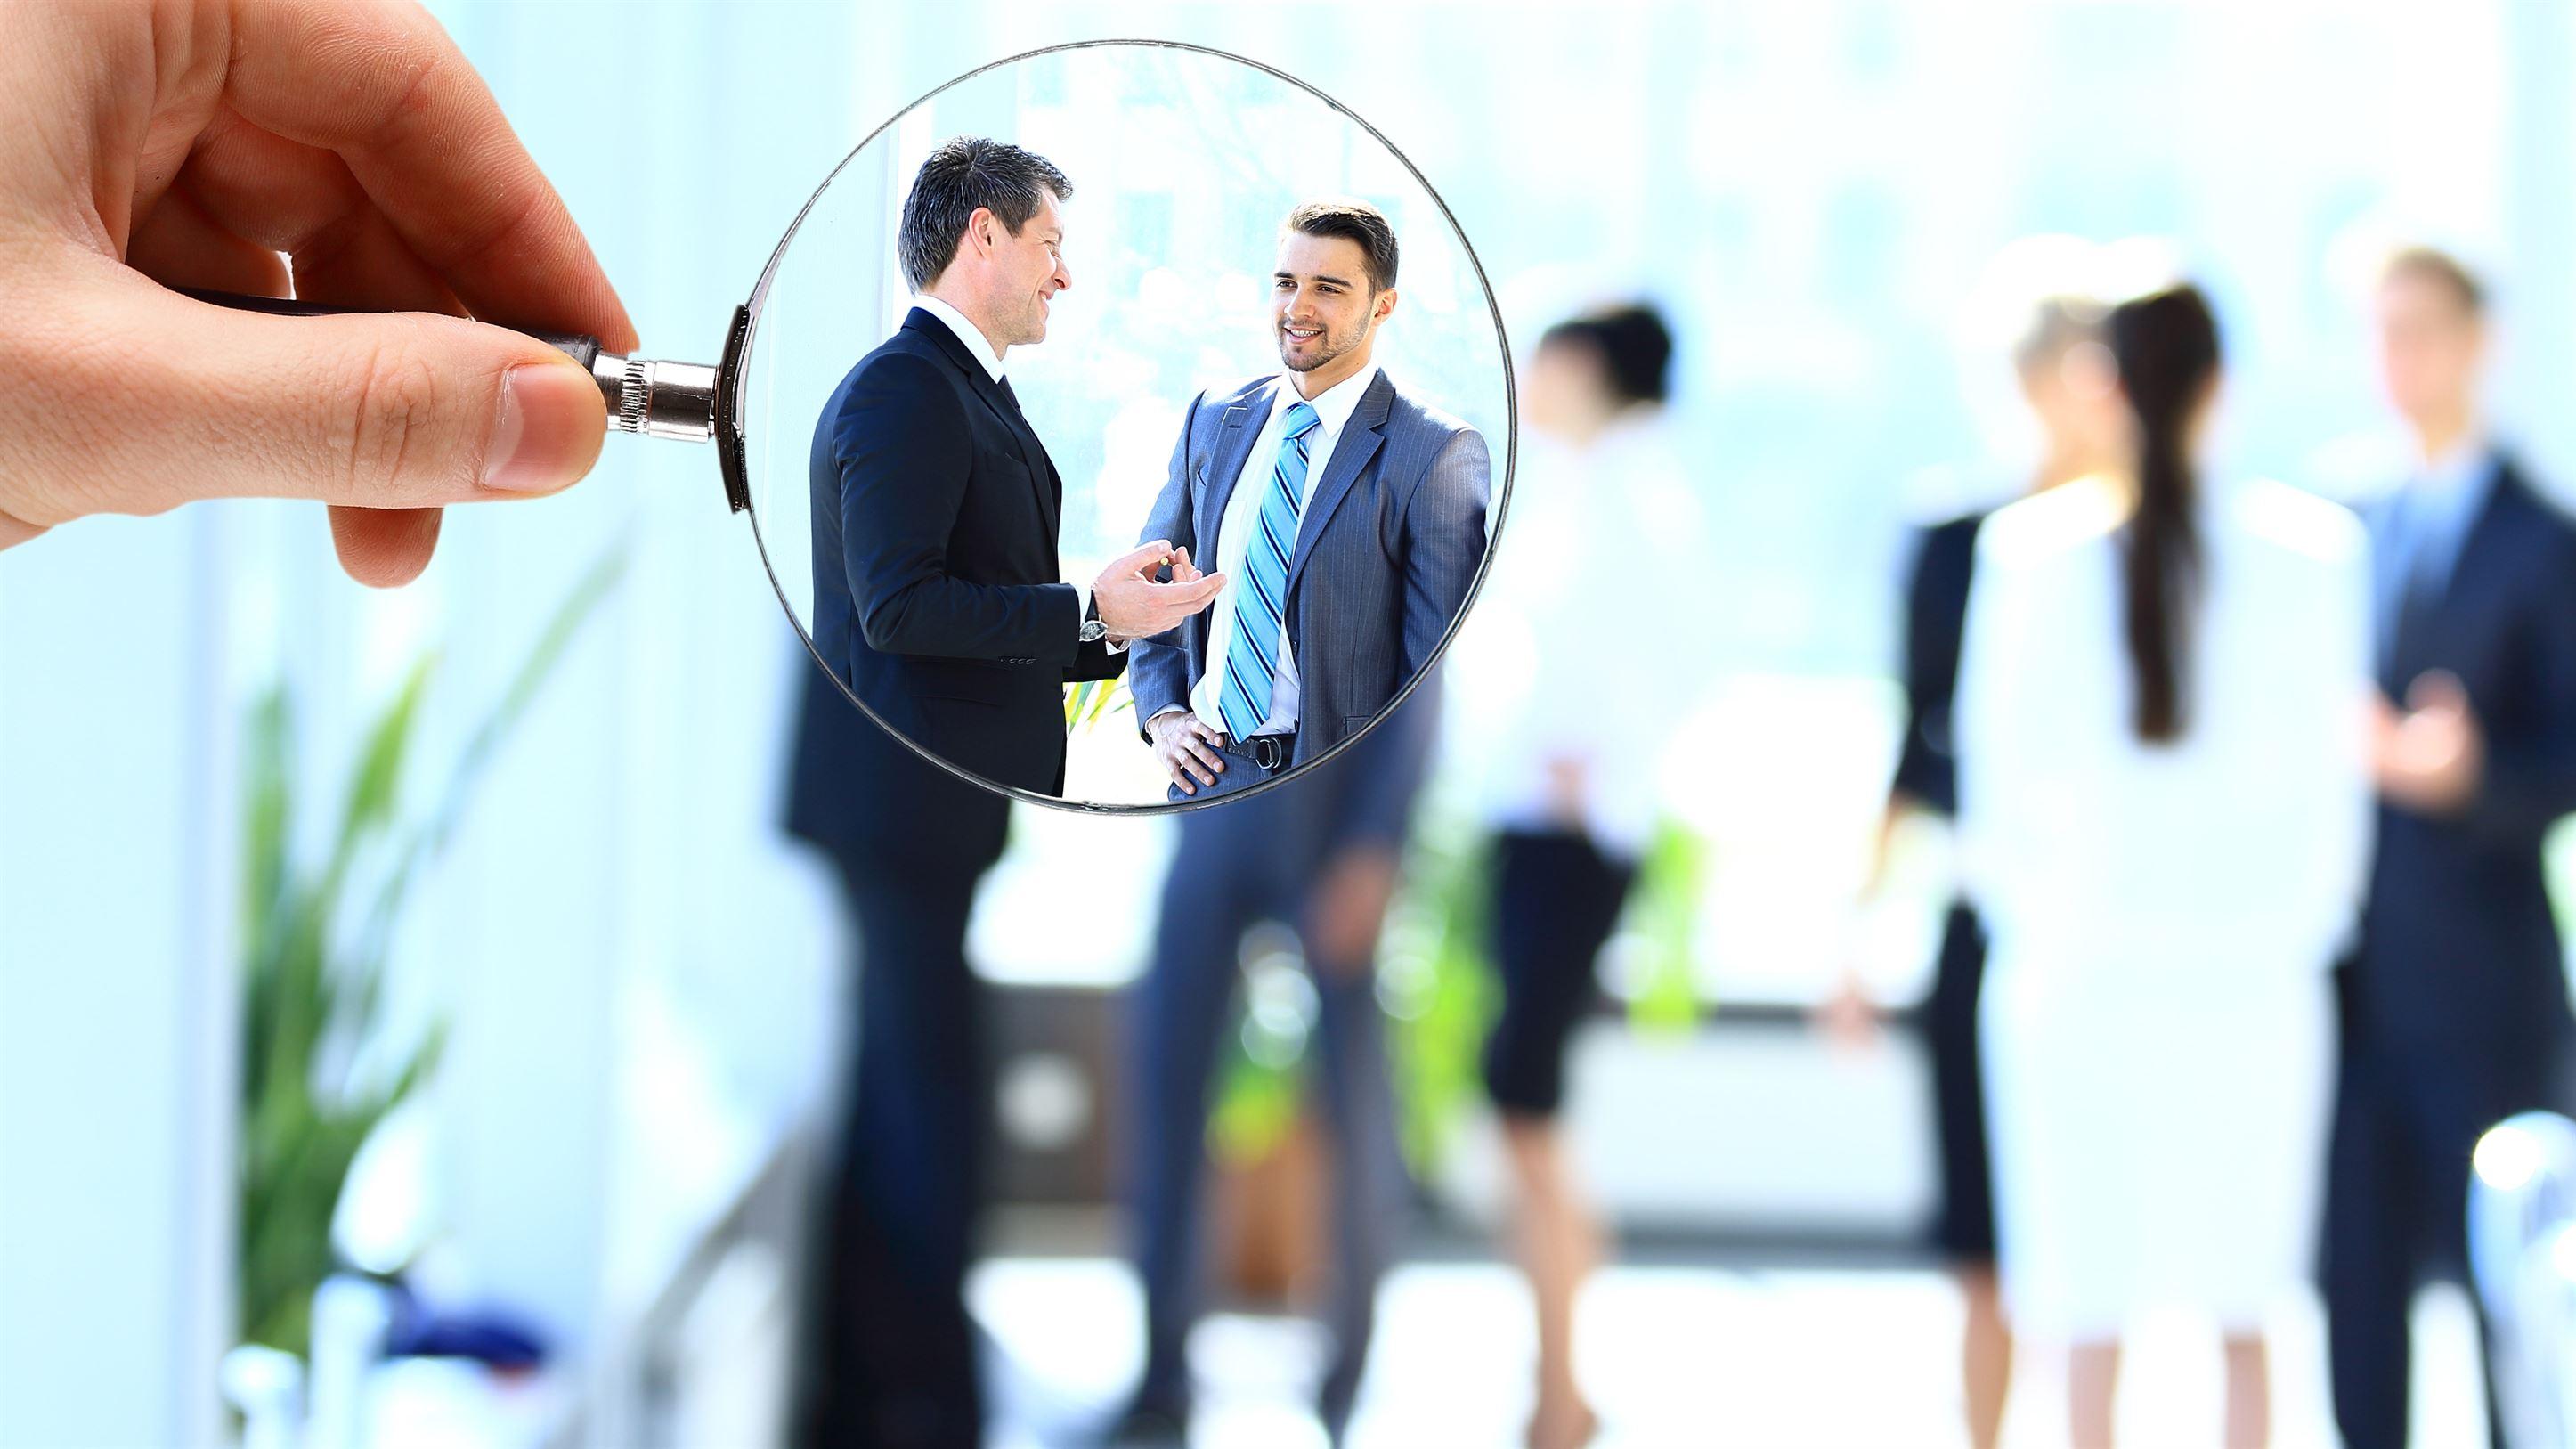 Posta Romana, cel mai mare angajator al statului, iar OMV cel mai mare angajator din mediul privat